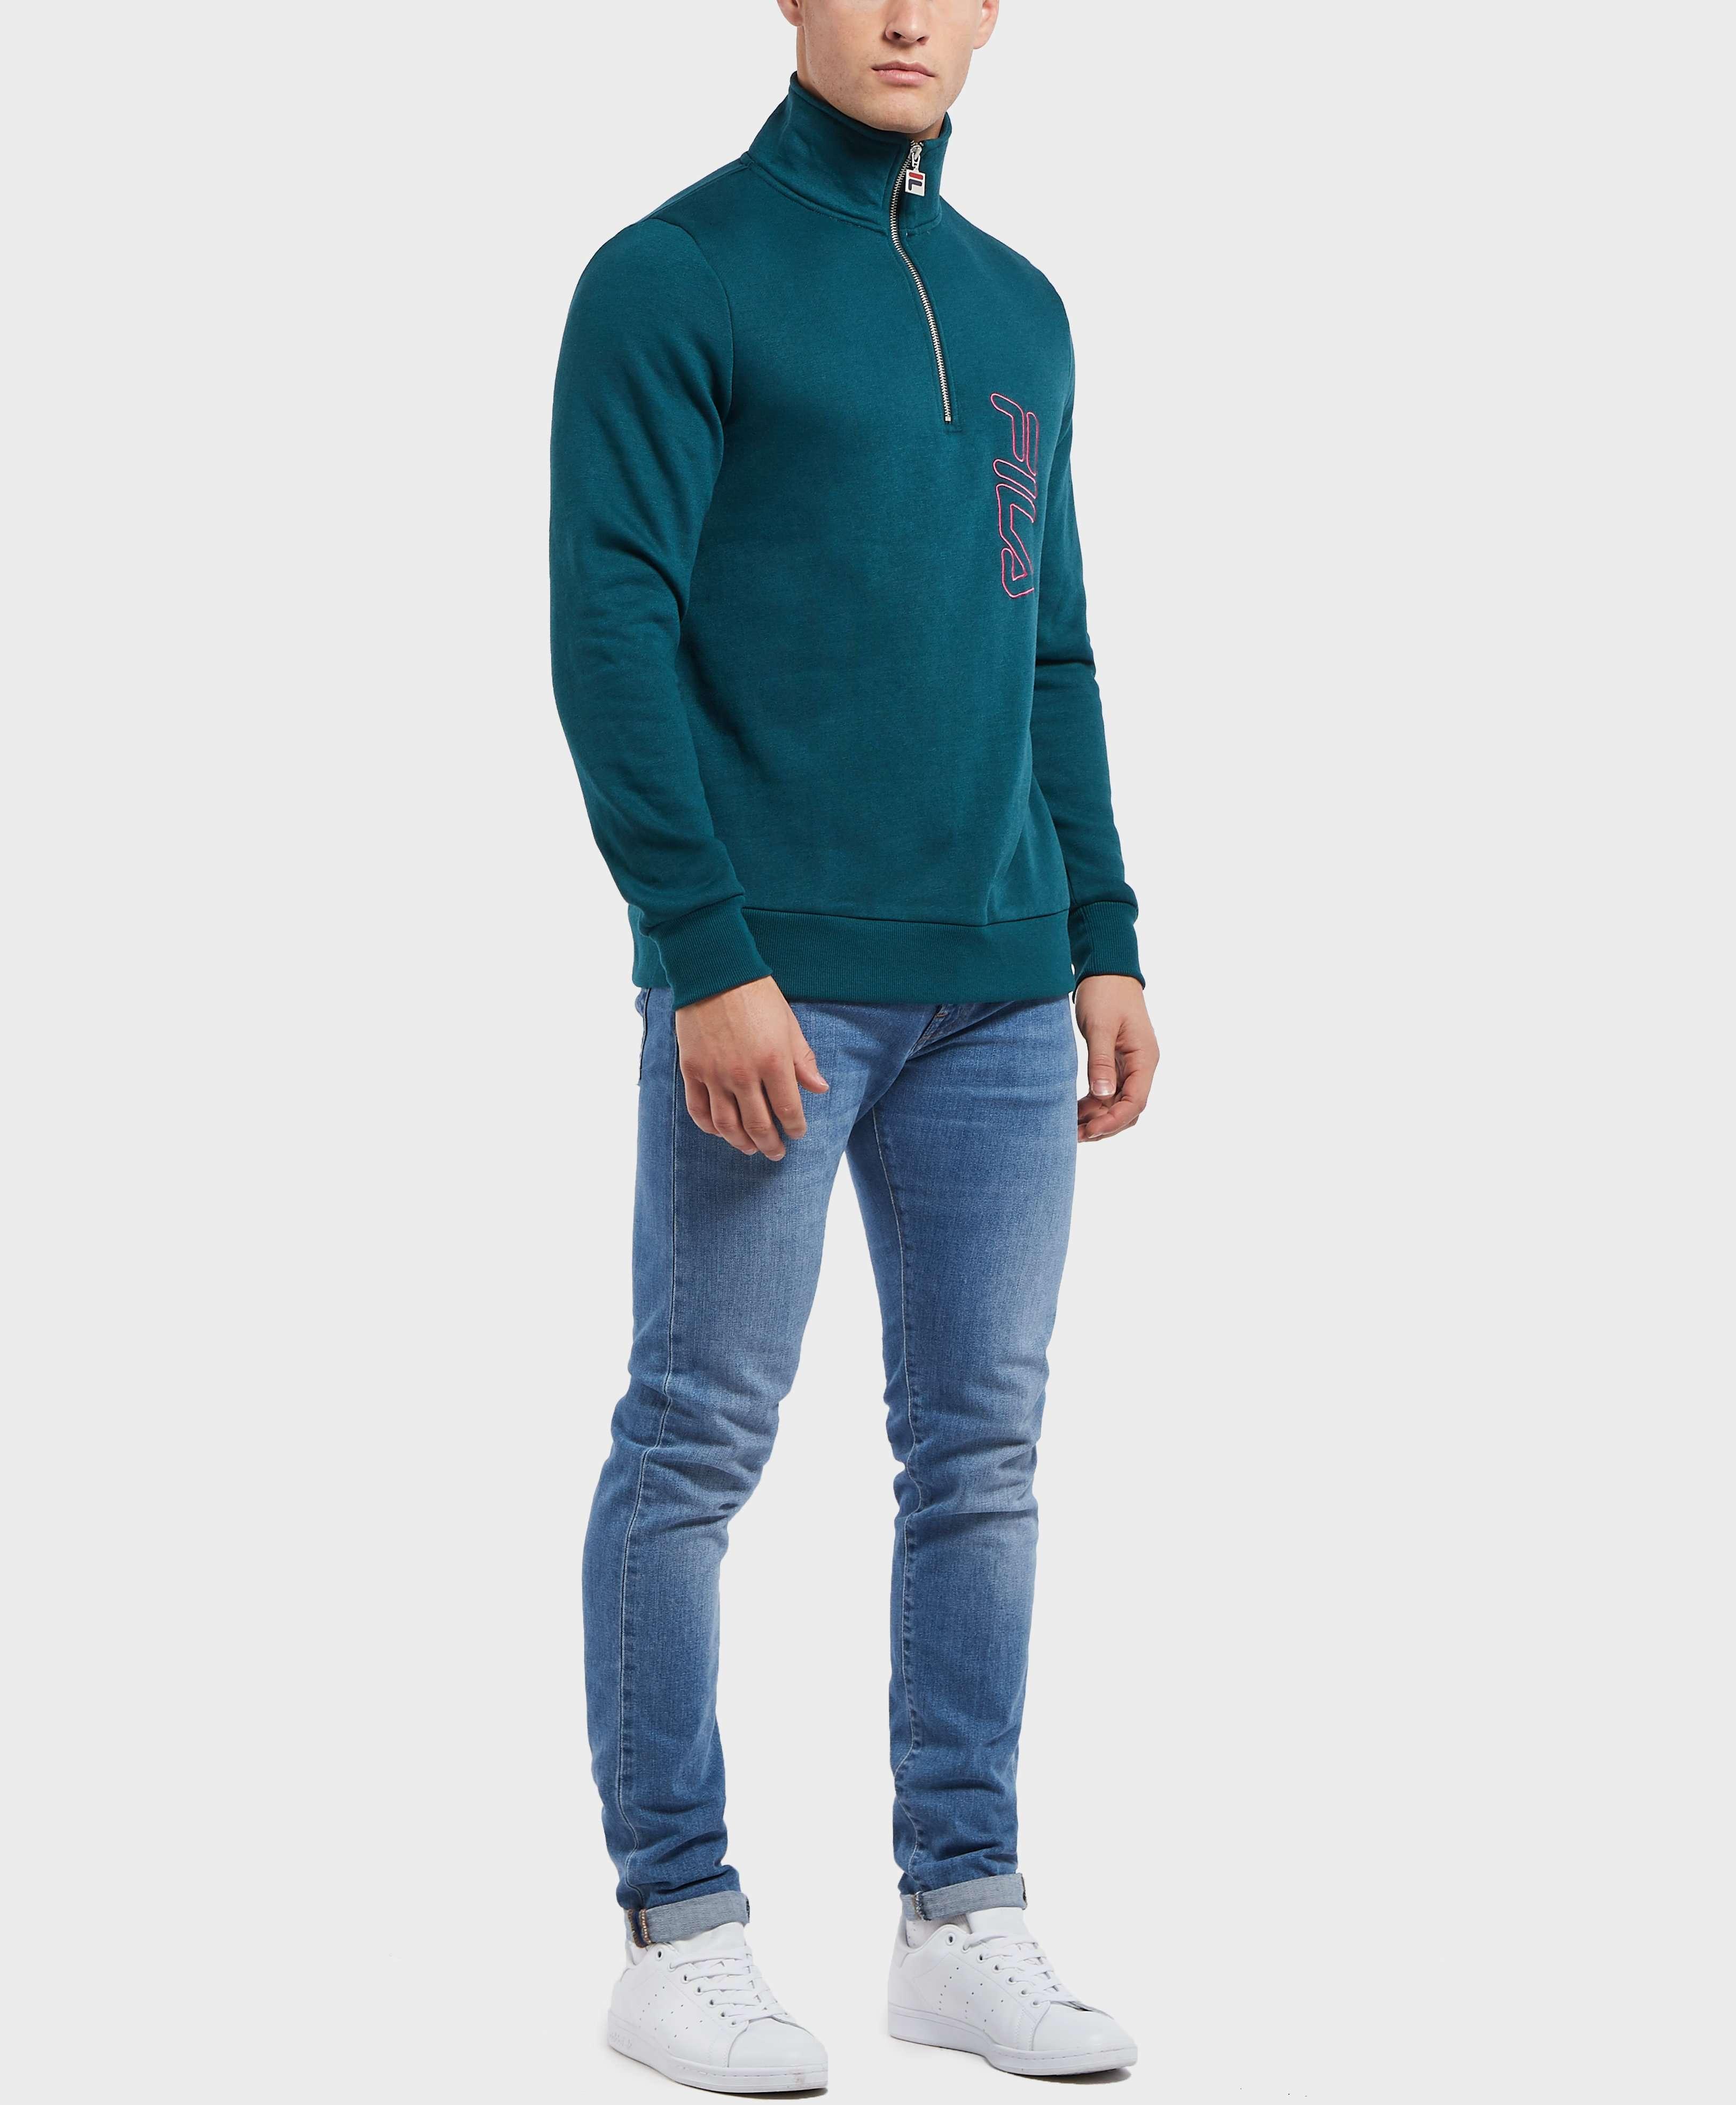 Fila Merano Half Zip Sweatshirt